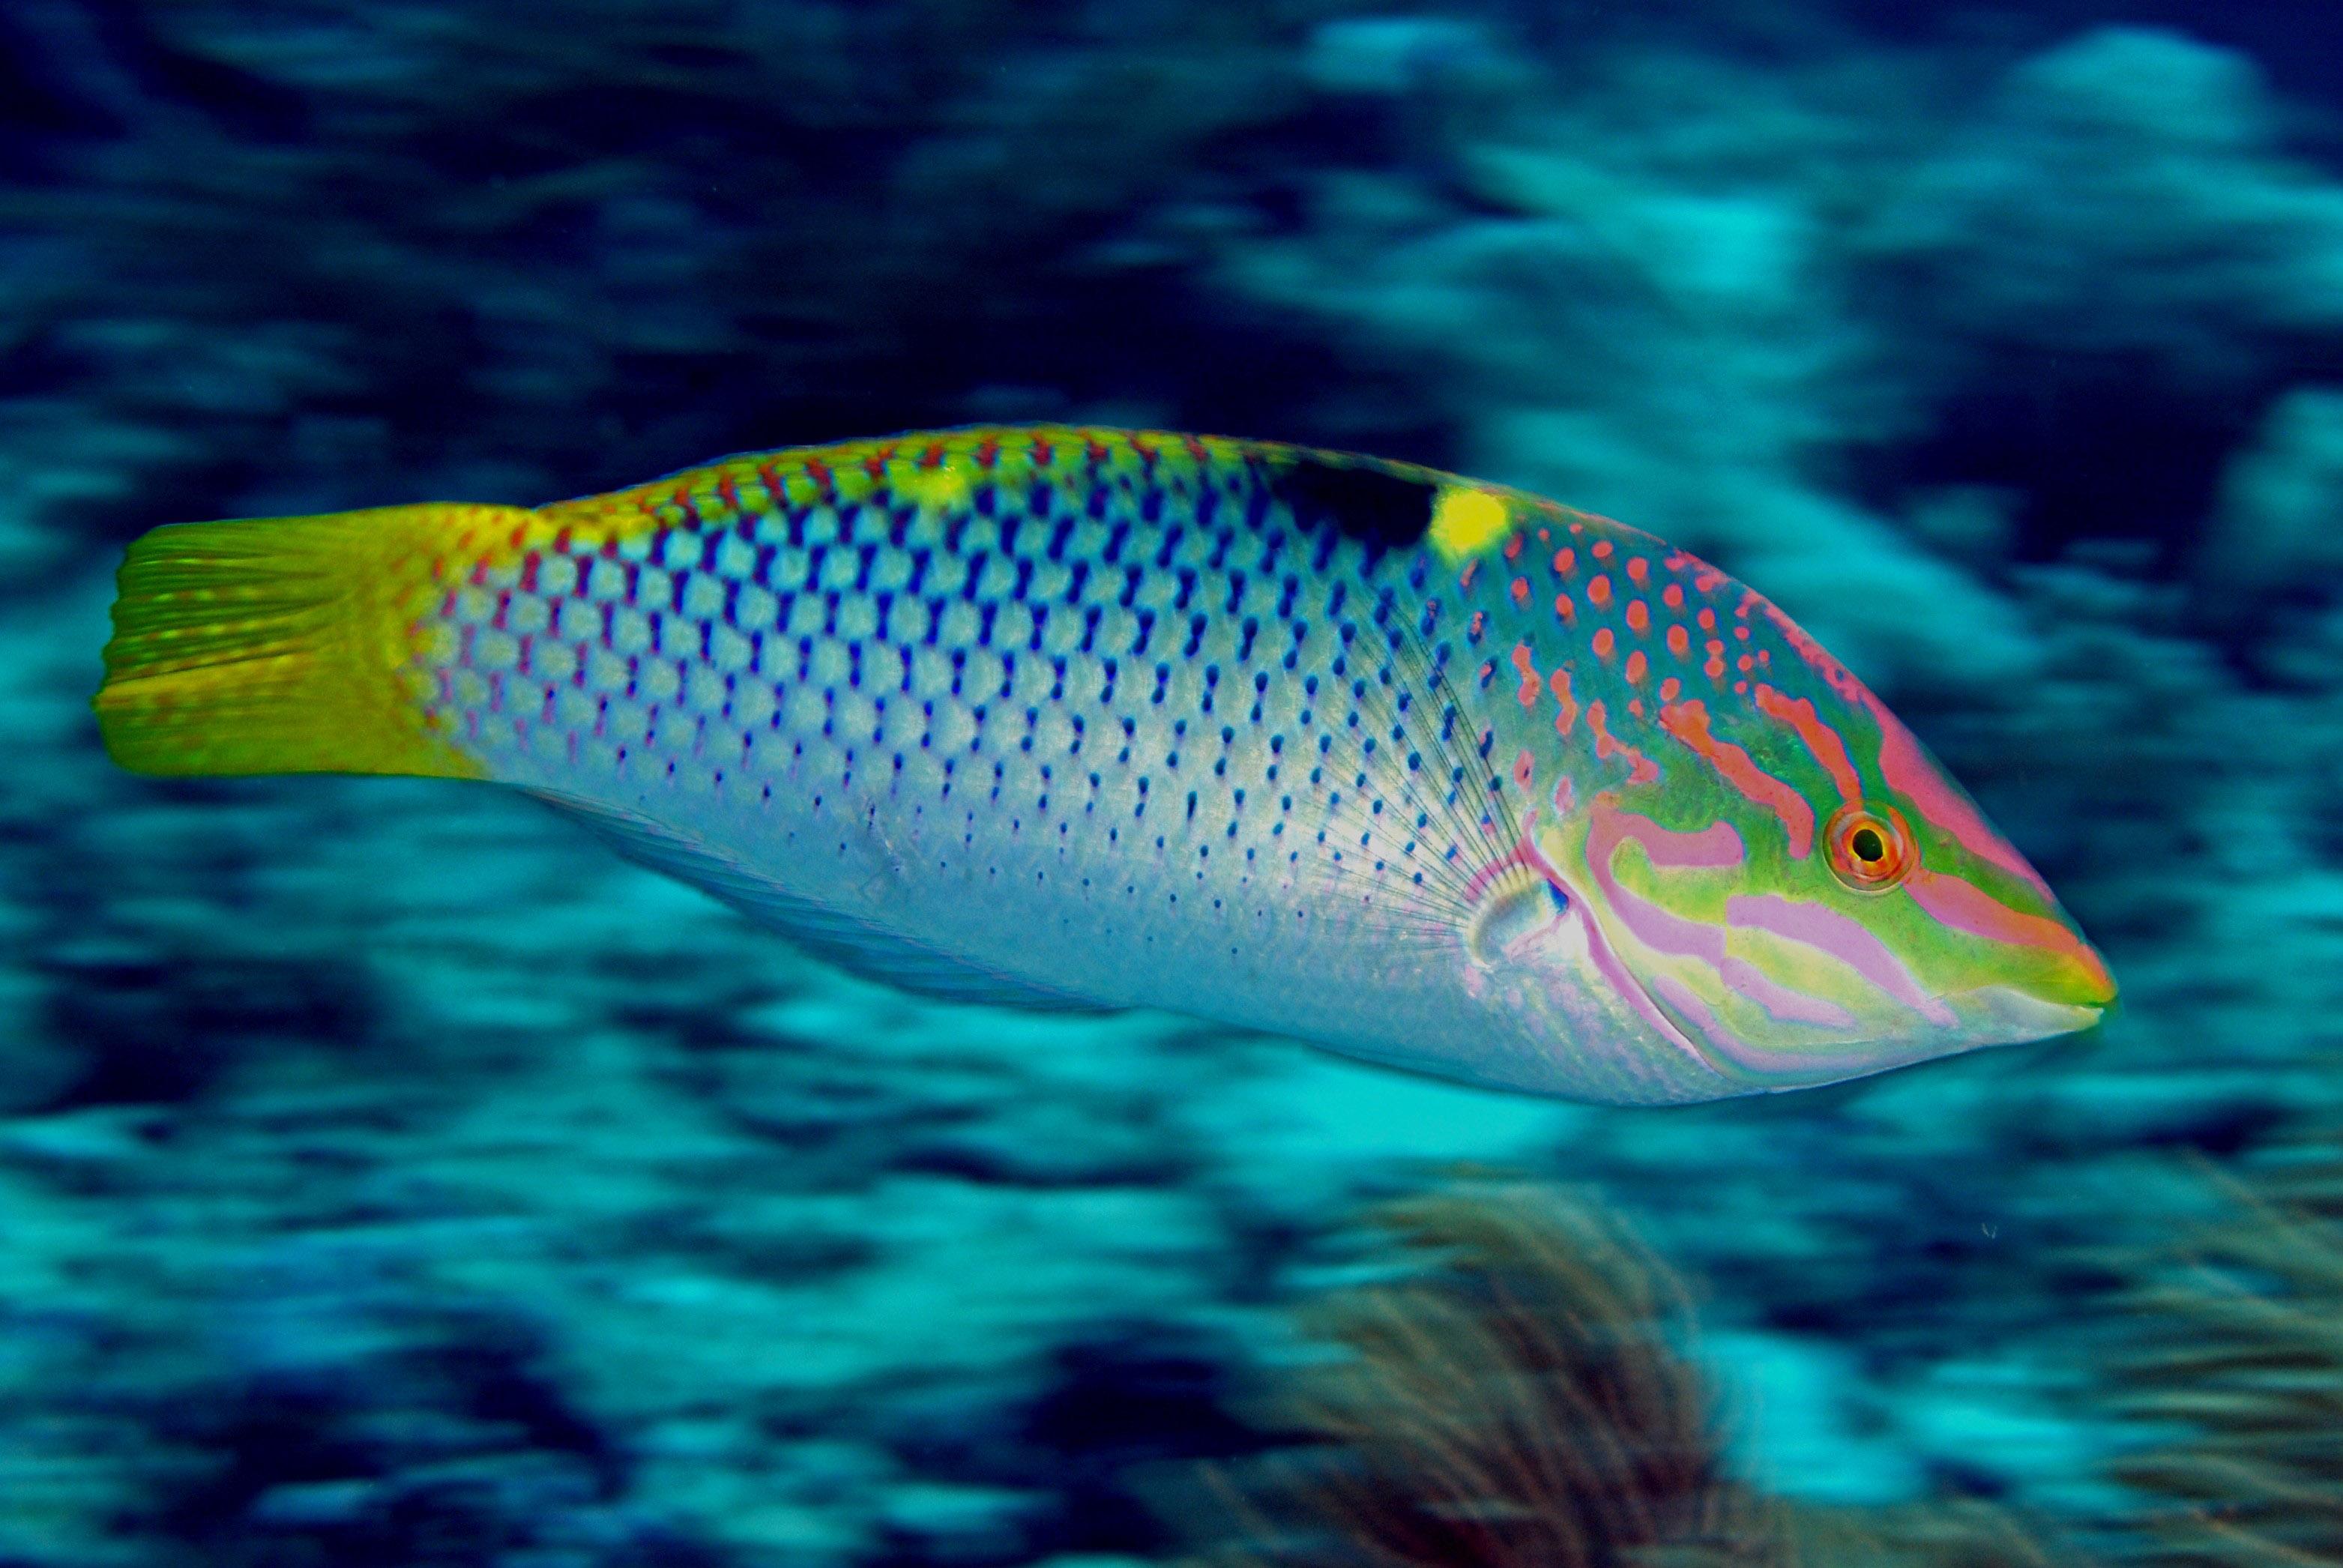 Die Auslöseverzögerung: 1..2..3... der Fisch ist vorbei